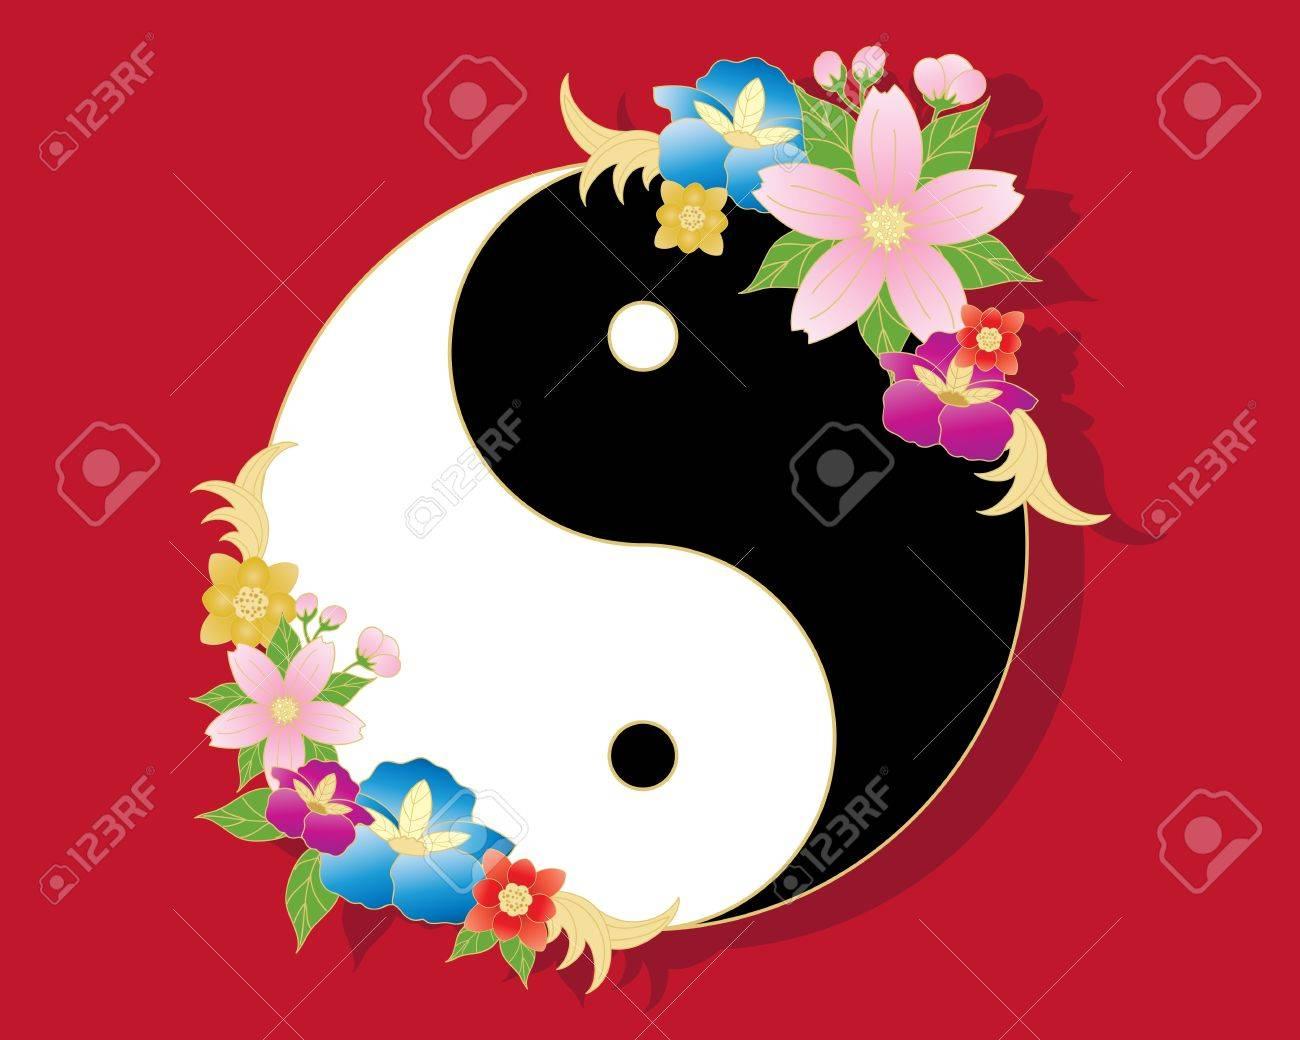 l'illustrazione di un simbolo yin-yang cinese in bianco e nero con decorazione floreale orientale stilizzata su uno sfondo rosso Archivio Fotografico - 13594041